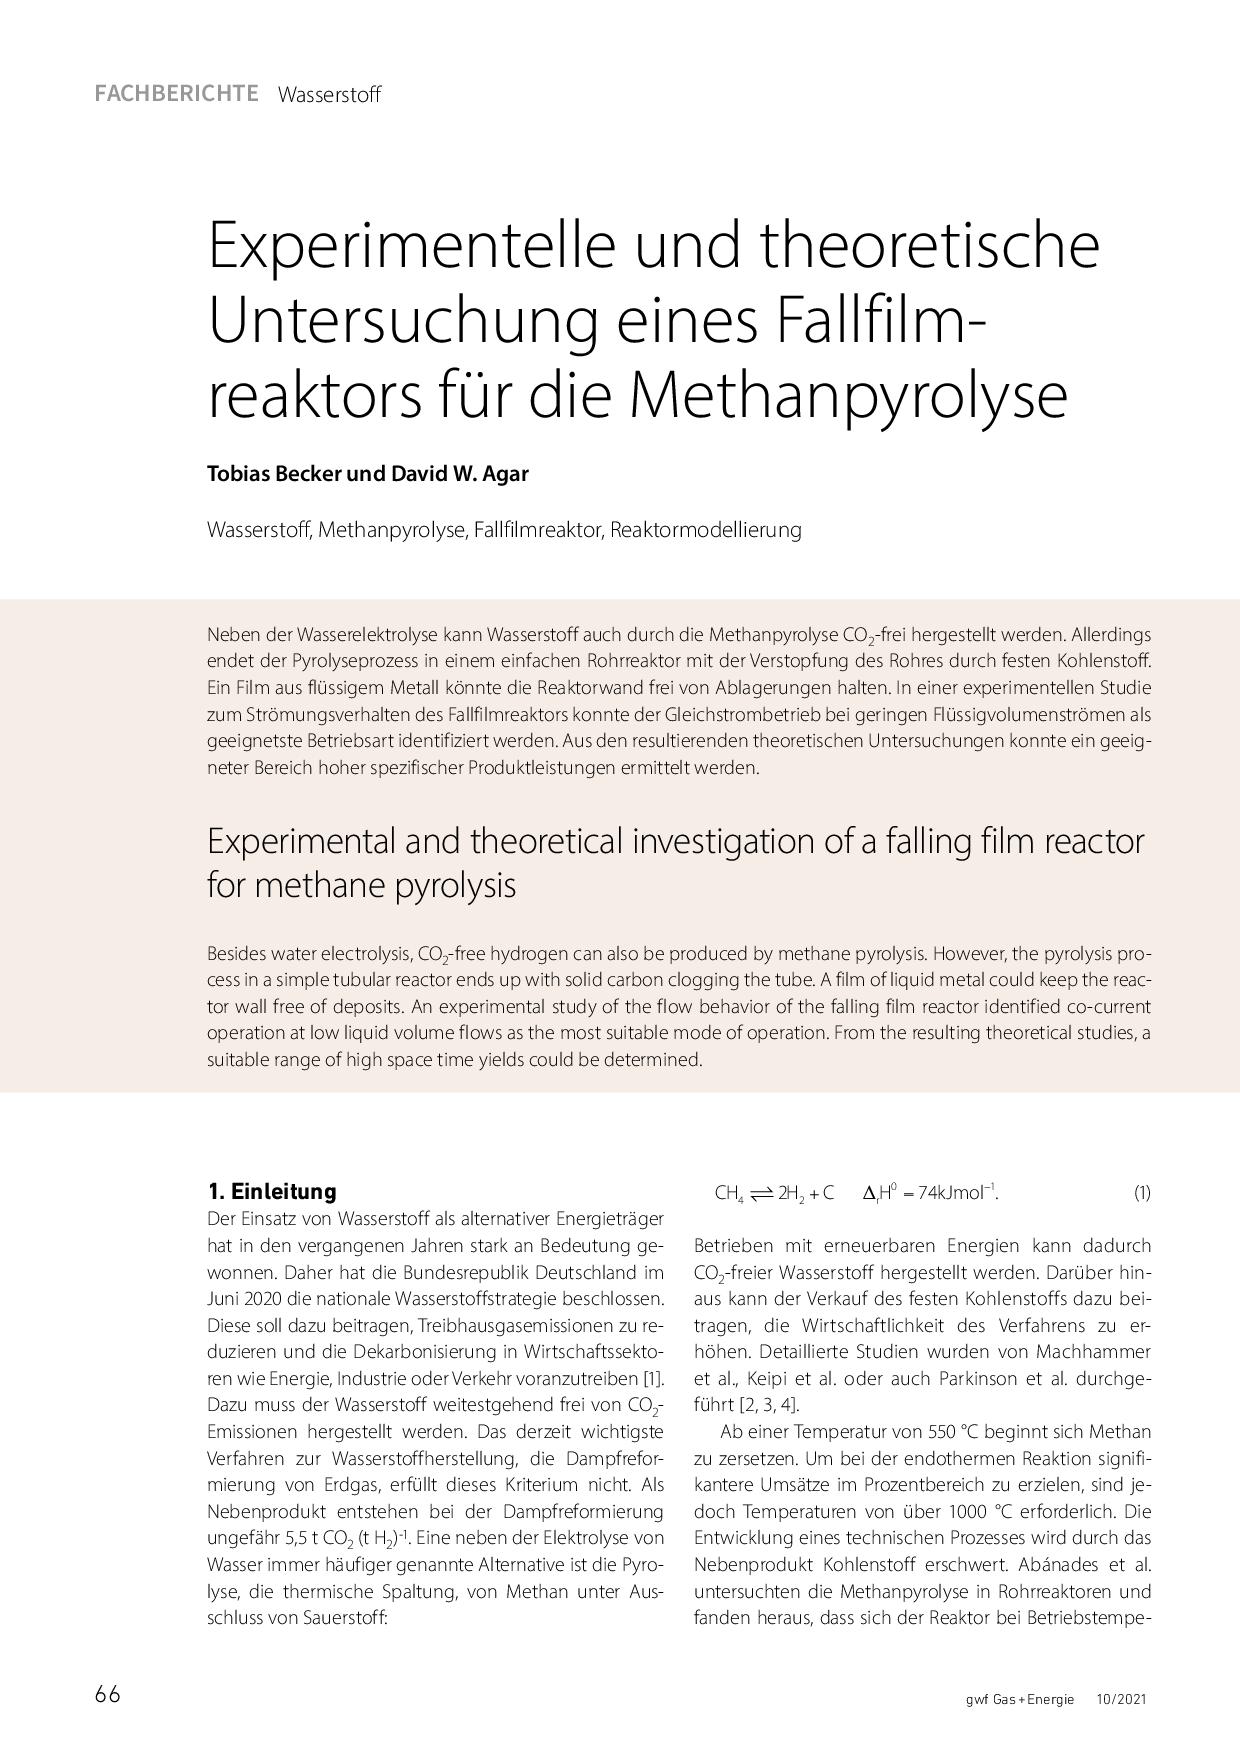 Experimentelle und theoretische Untersuchung eines Fallfilmreaktors für die Methanpyrolyse